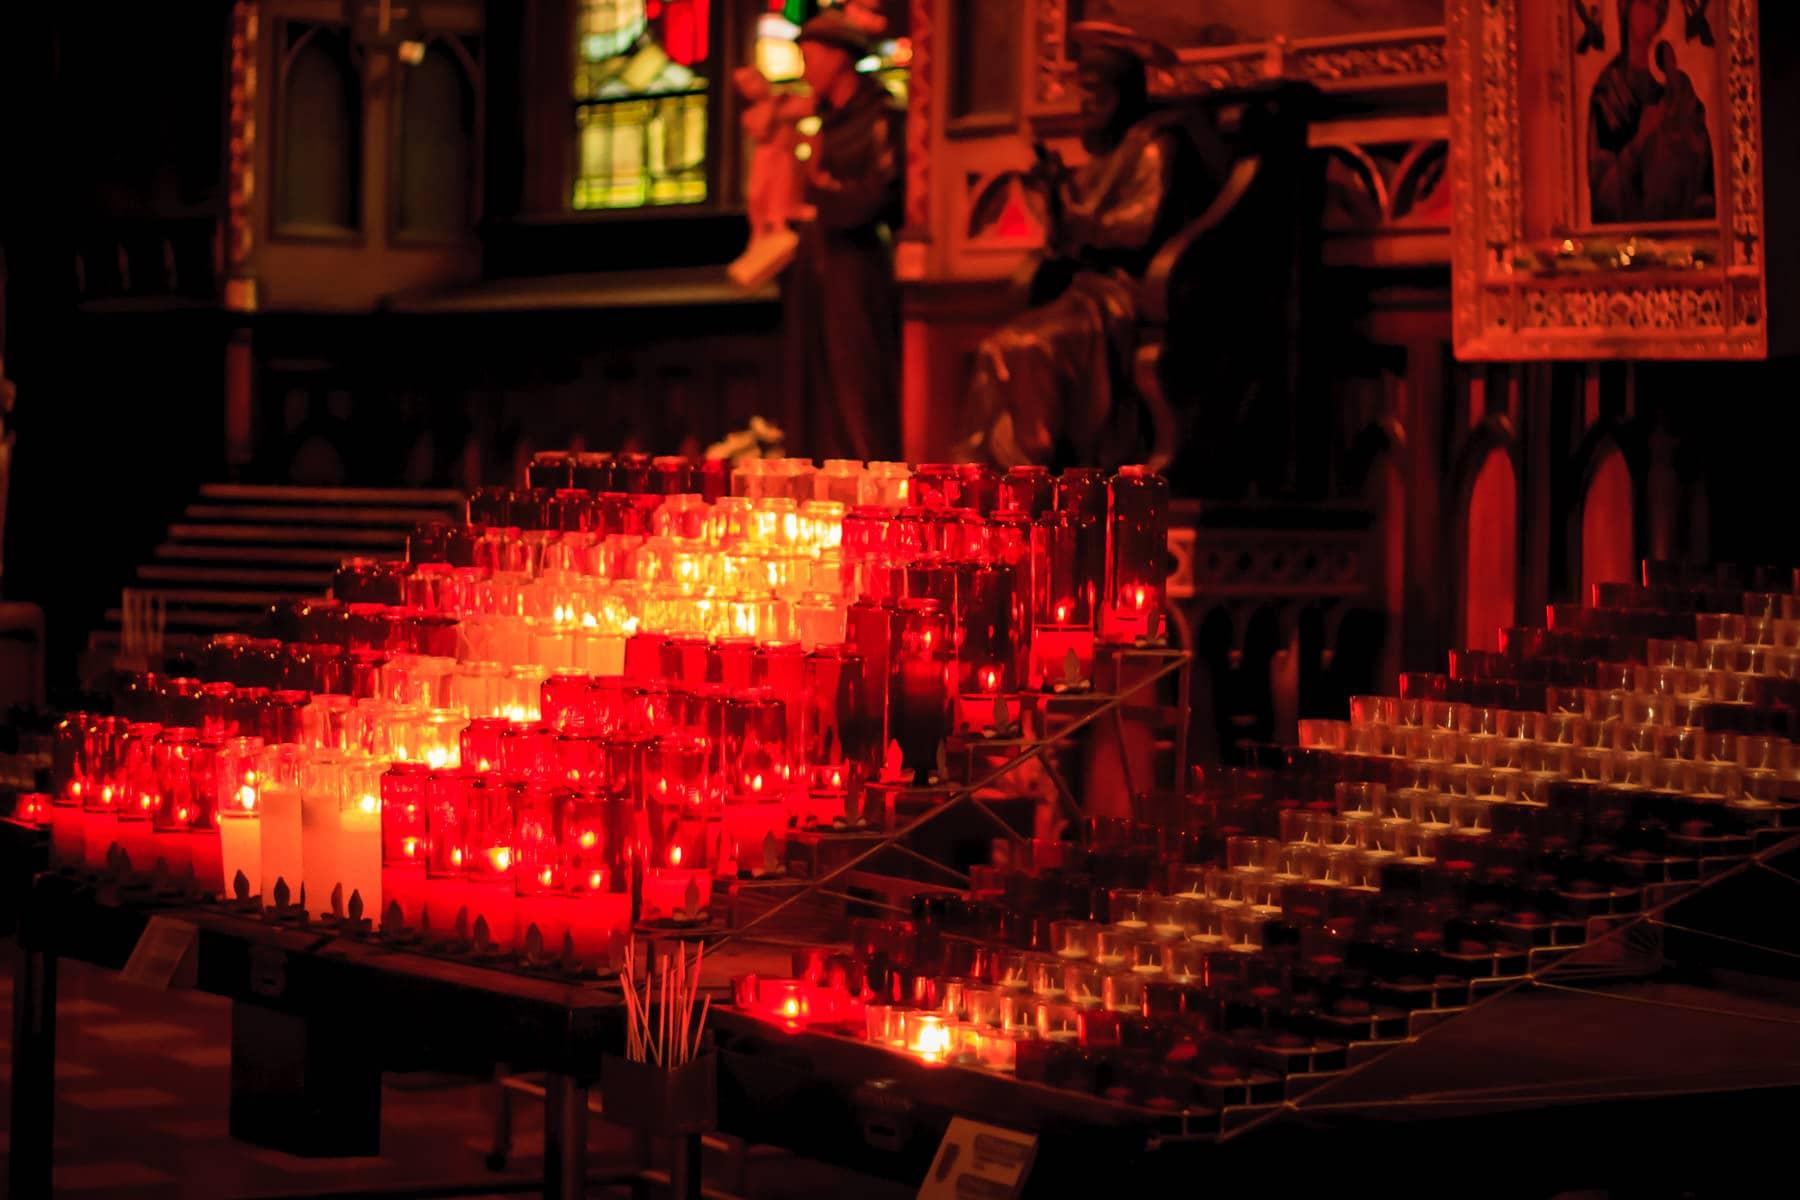 Votive candles at La basilique Notre-Dame de Montréal.